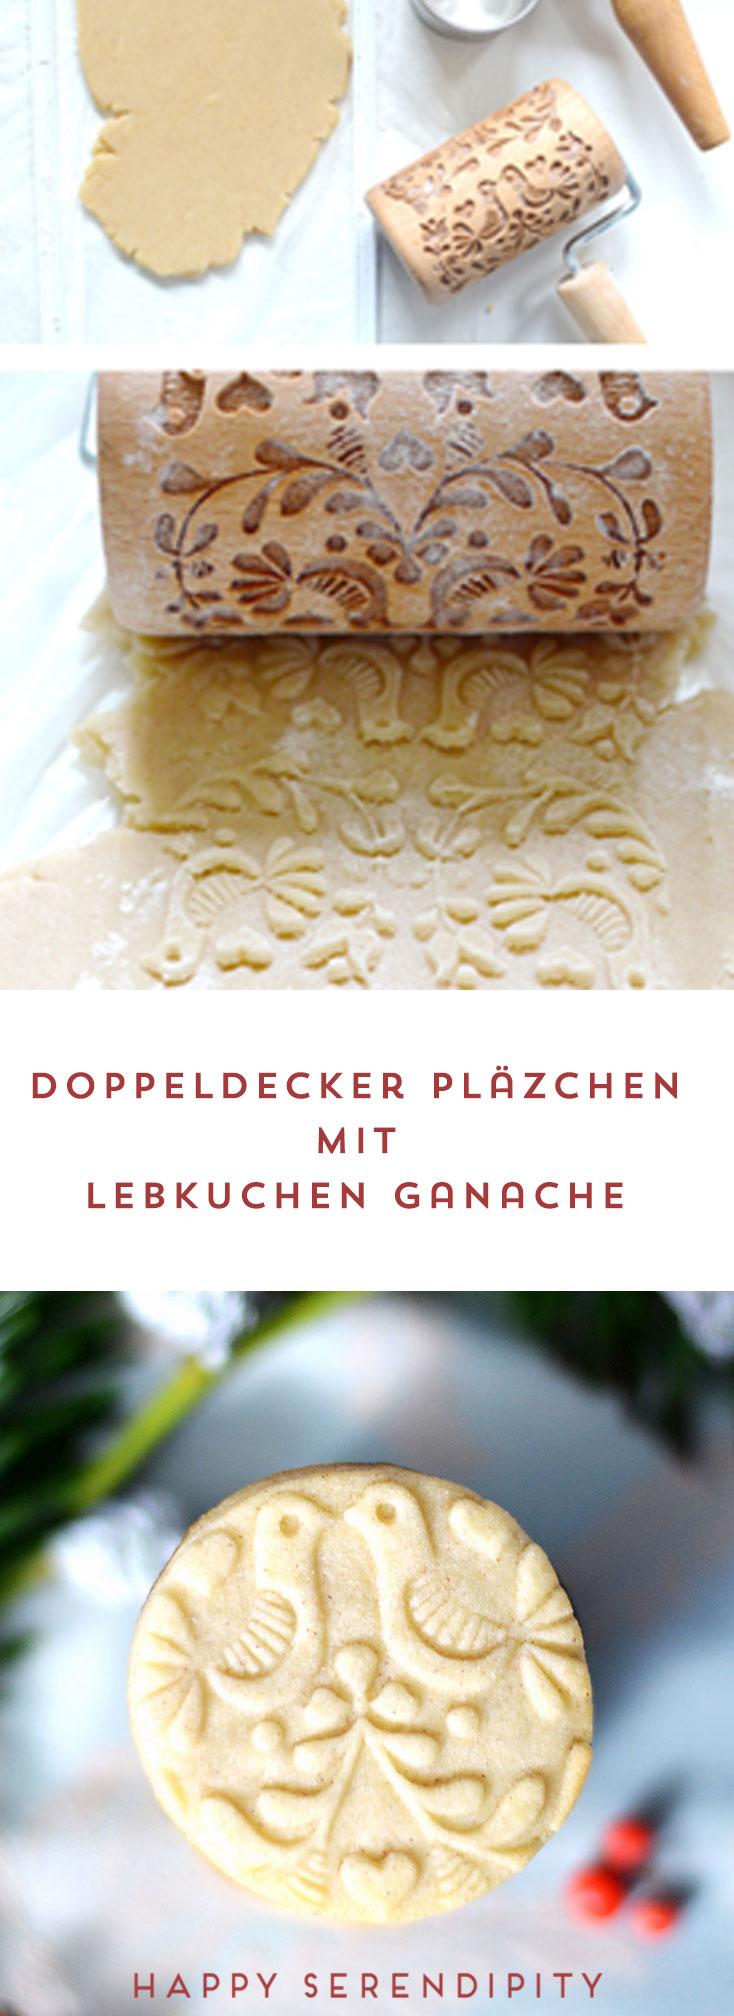 doppeldecker plätzchen mit lebkuchen ganache, ein leckeres rezept von happy serendipity